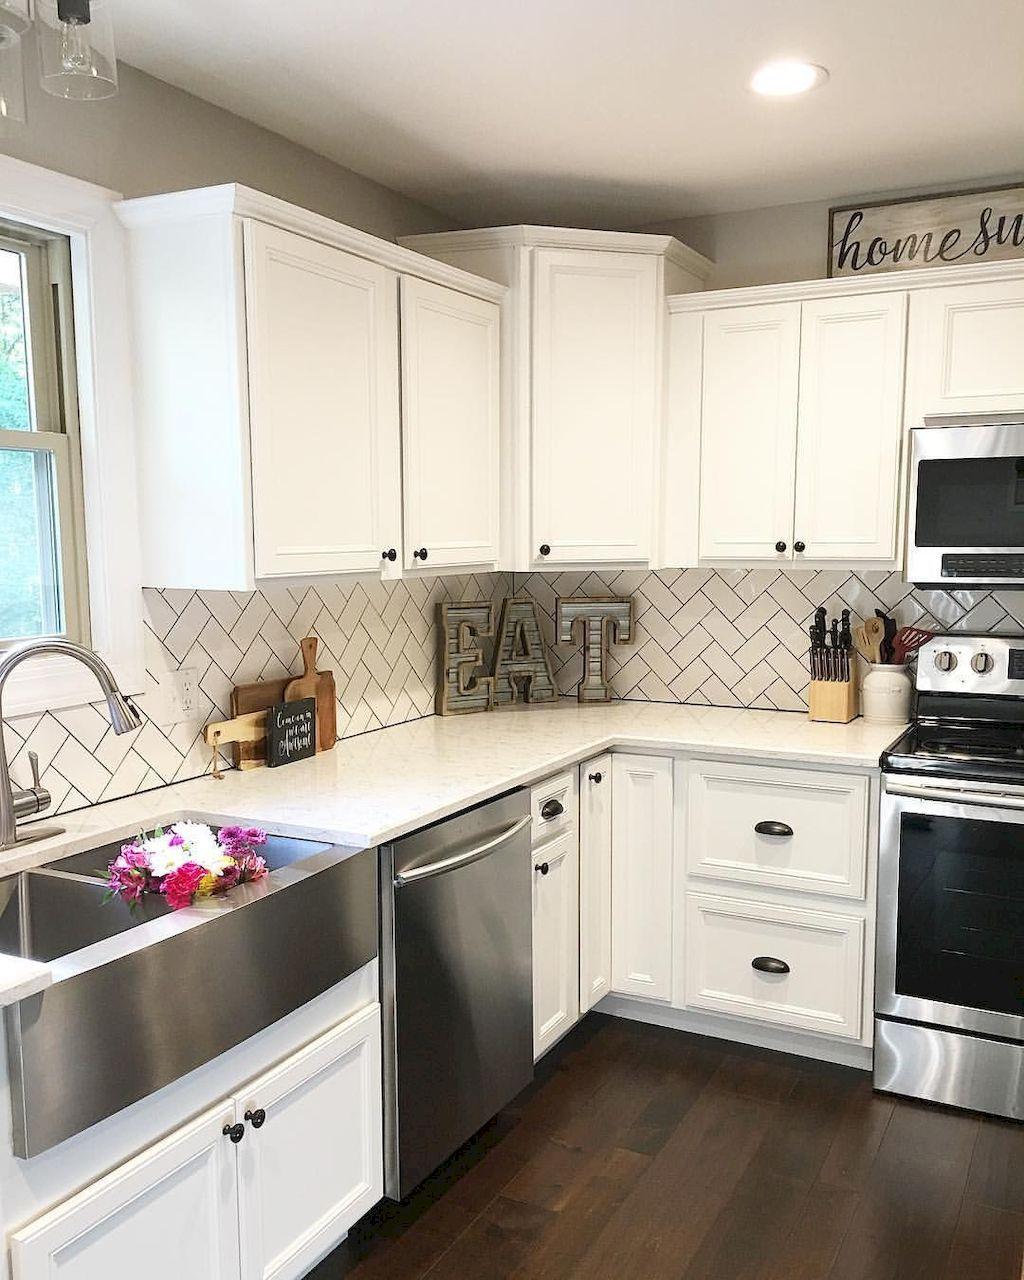 60 White Kitchen Cabinet Decor for Farmhouse Style Ideas